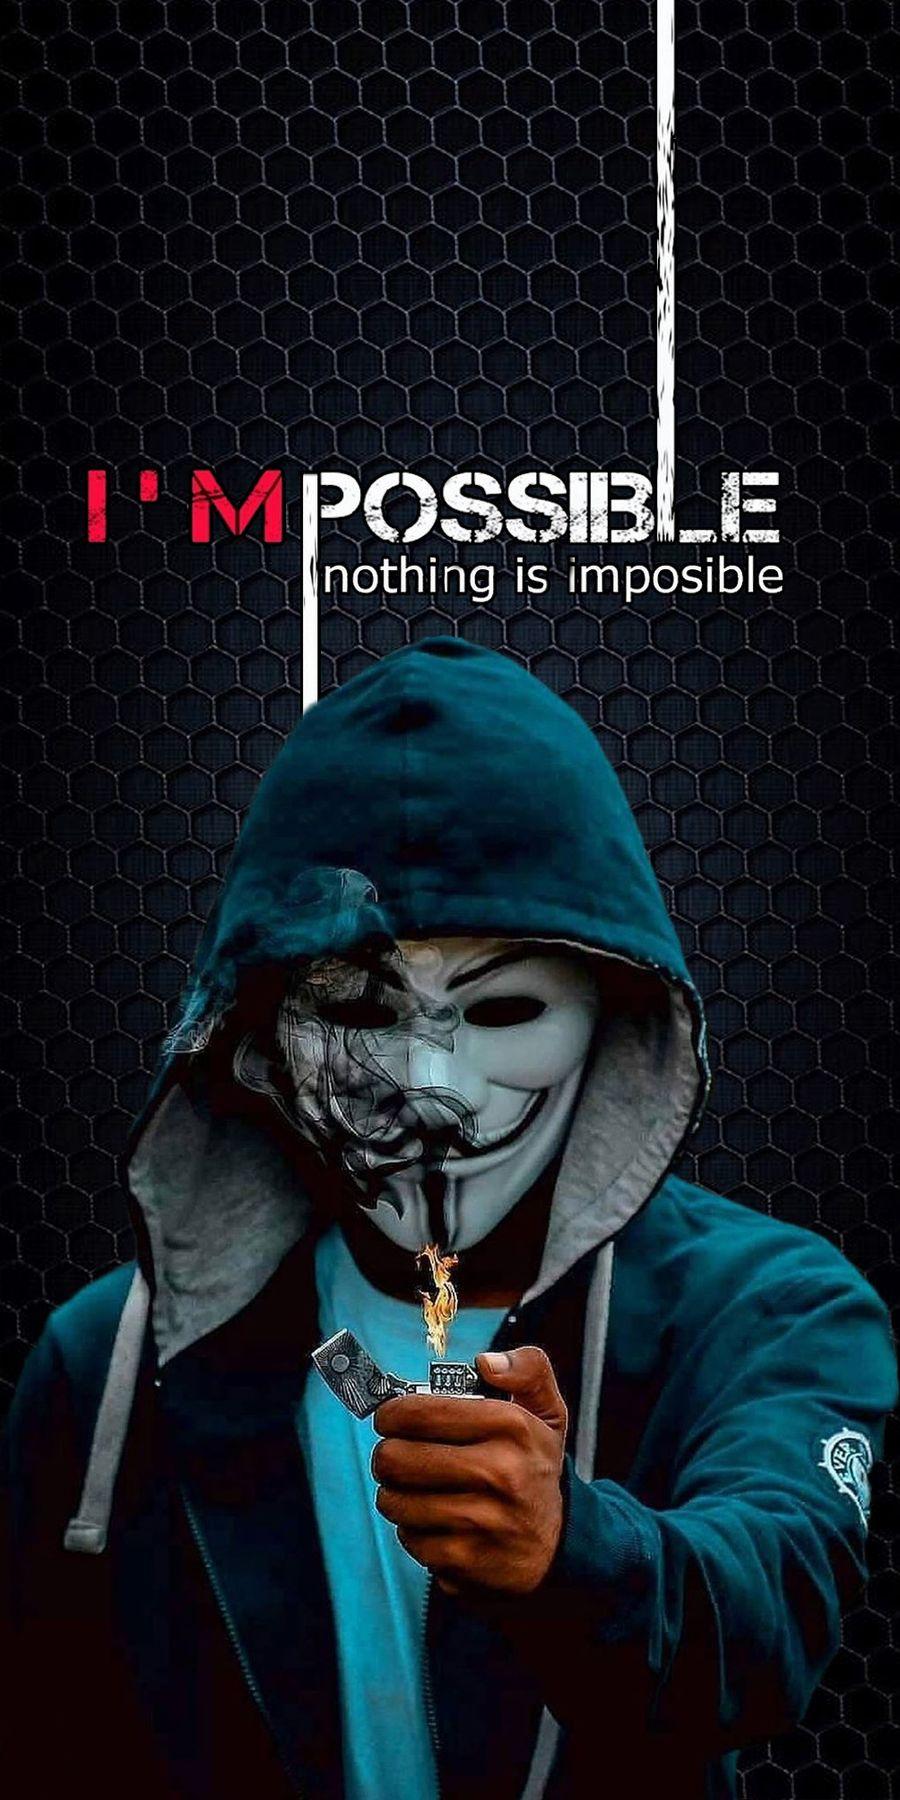 Обои на телефон черные, хакер, темные, пабг, огонь, игра, возможный, взлом, pubg, imposible, i am possible hack, hackerman